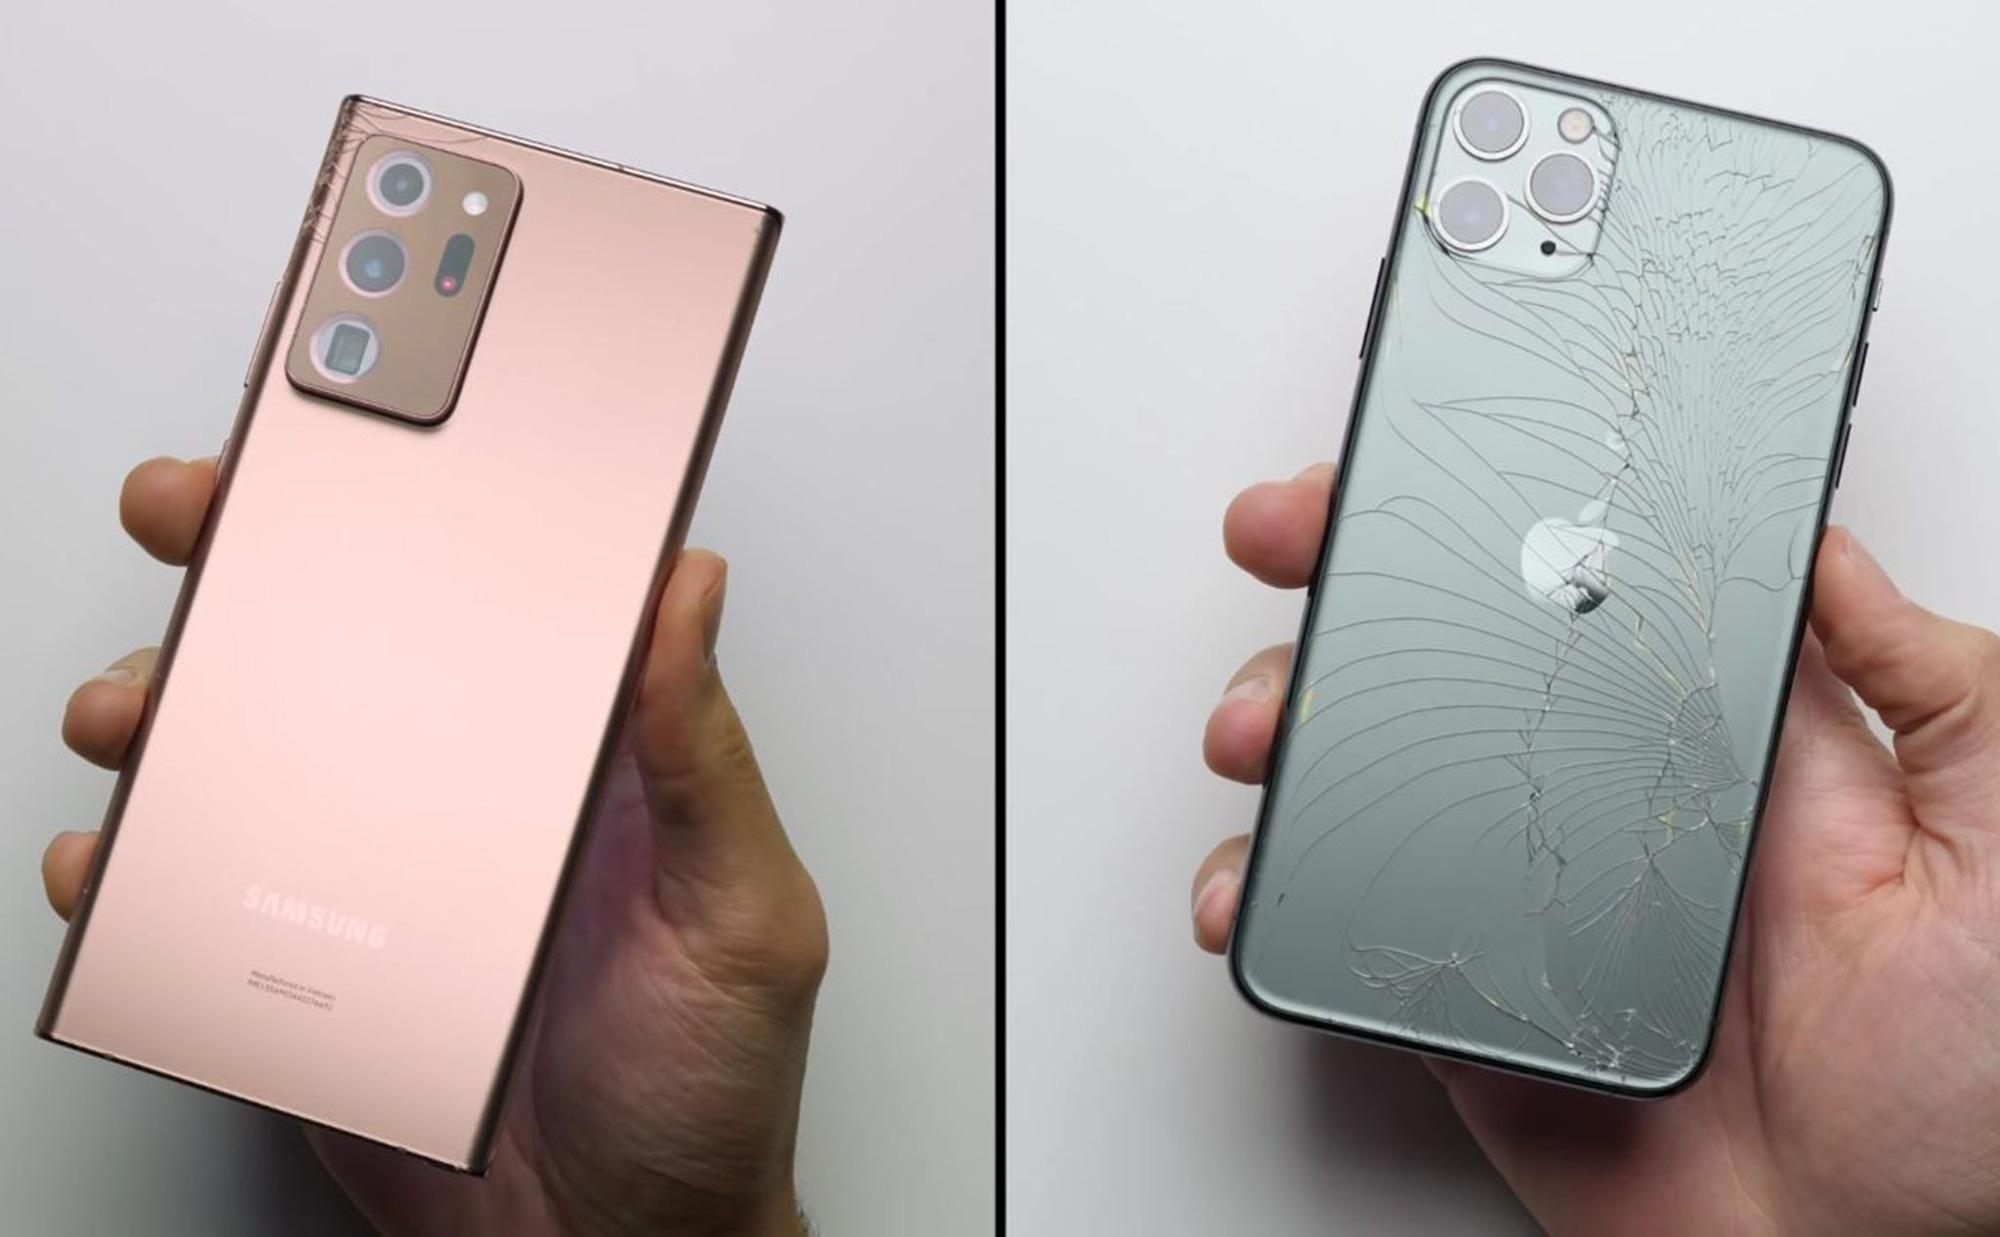 Thử thách độ bền kính: Thả rơi Samsung Galaxy Note 20 Ultra và iPhone 11 Pro Max - Ảnh 1.